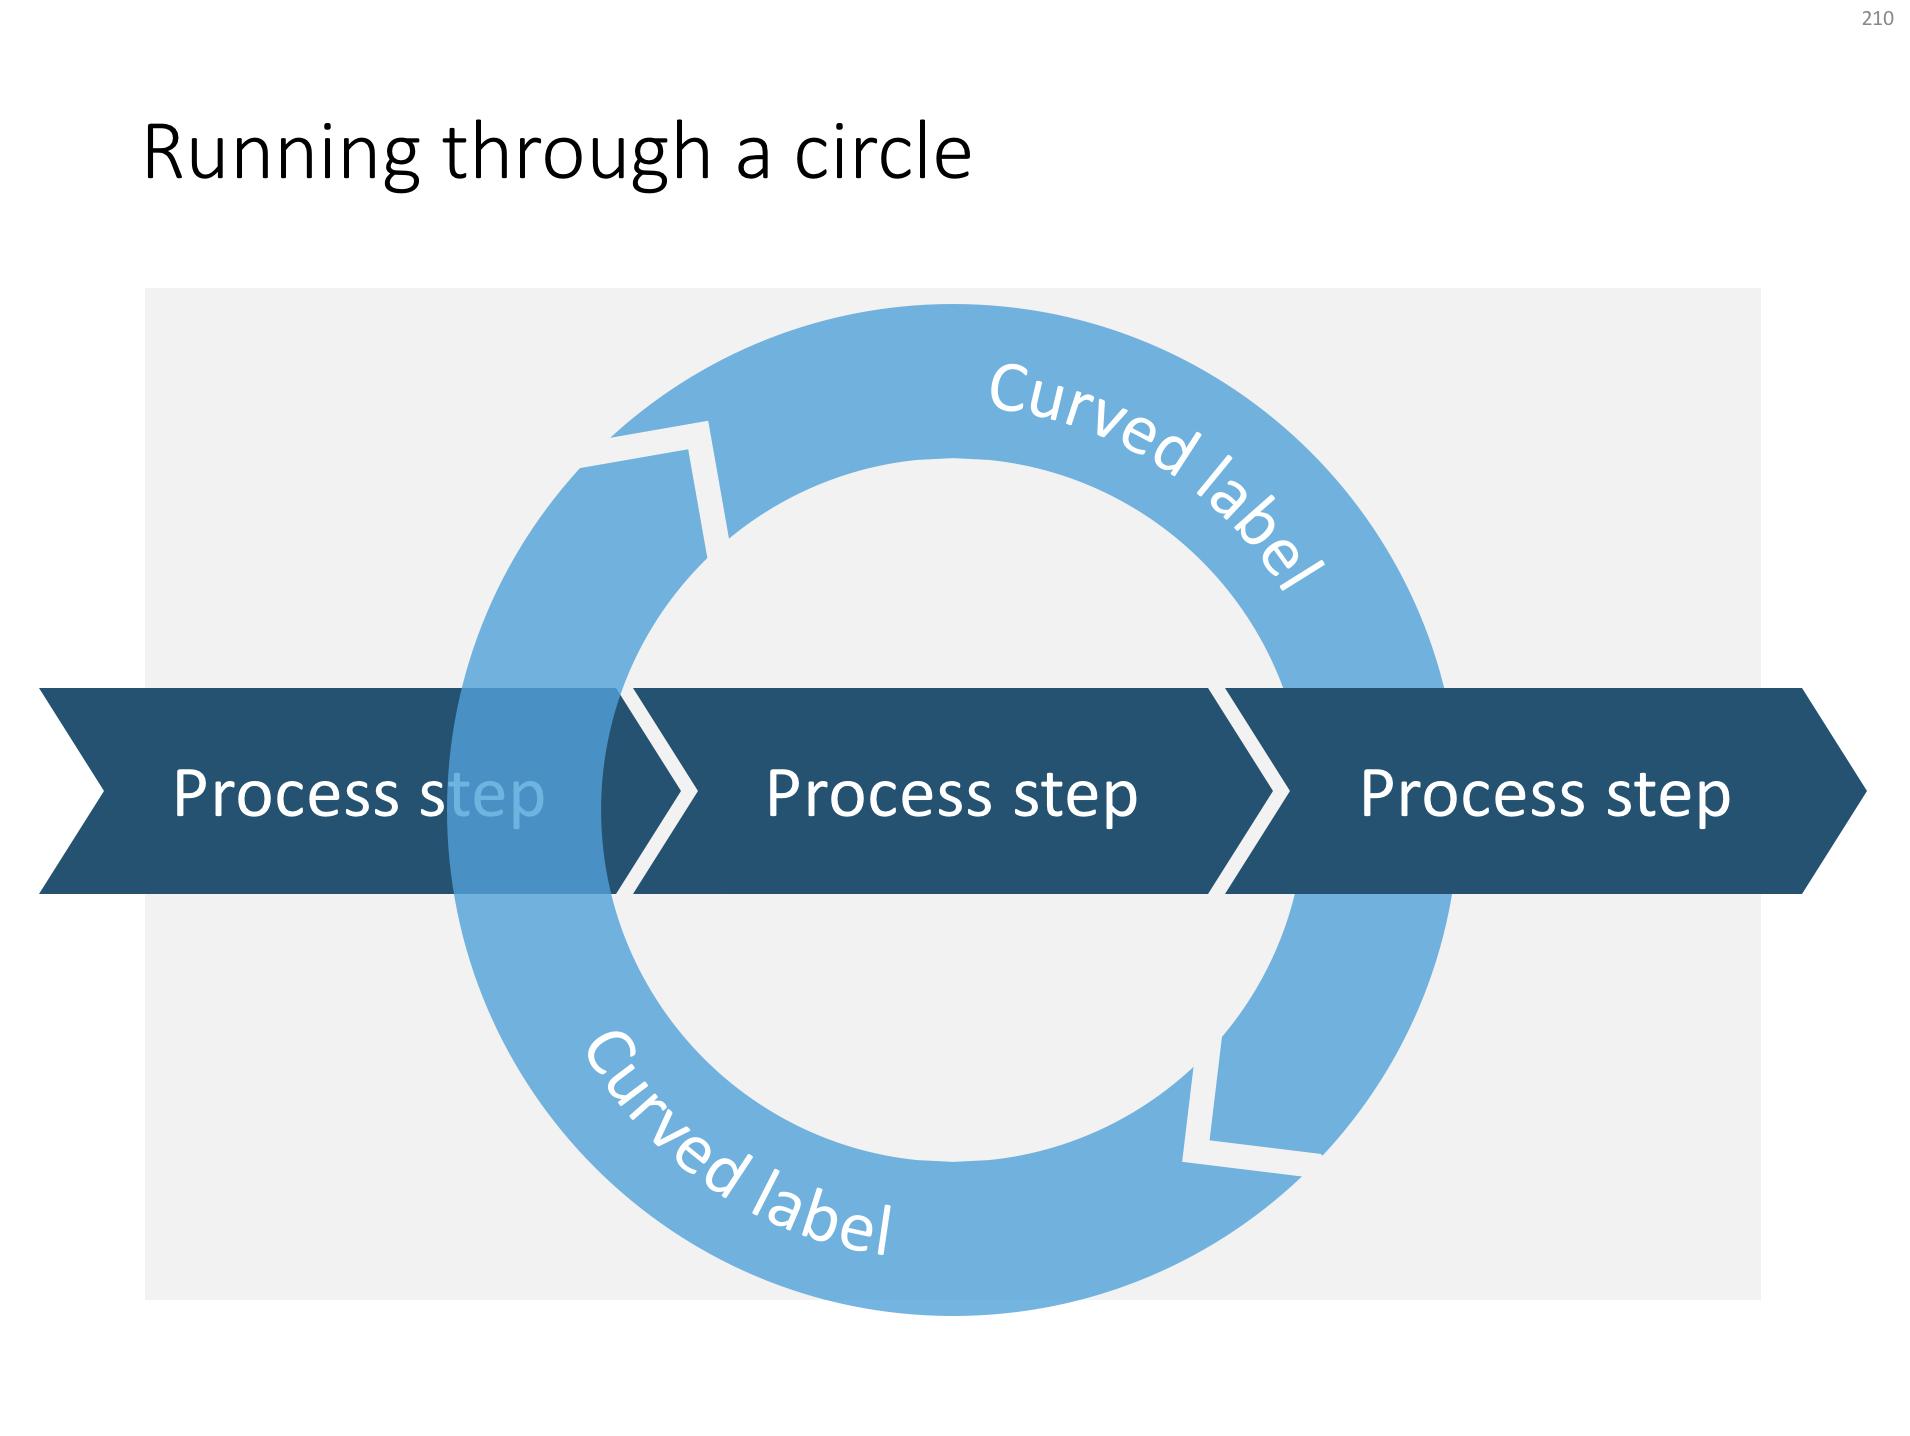 A regular process, with a circular process around it